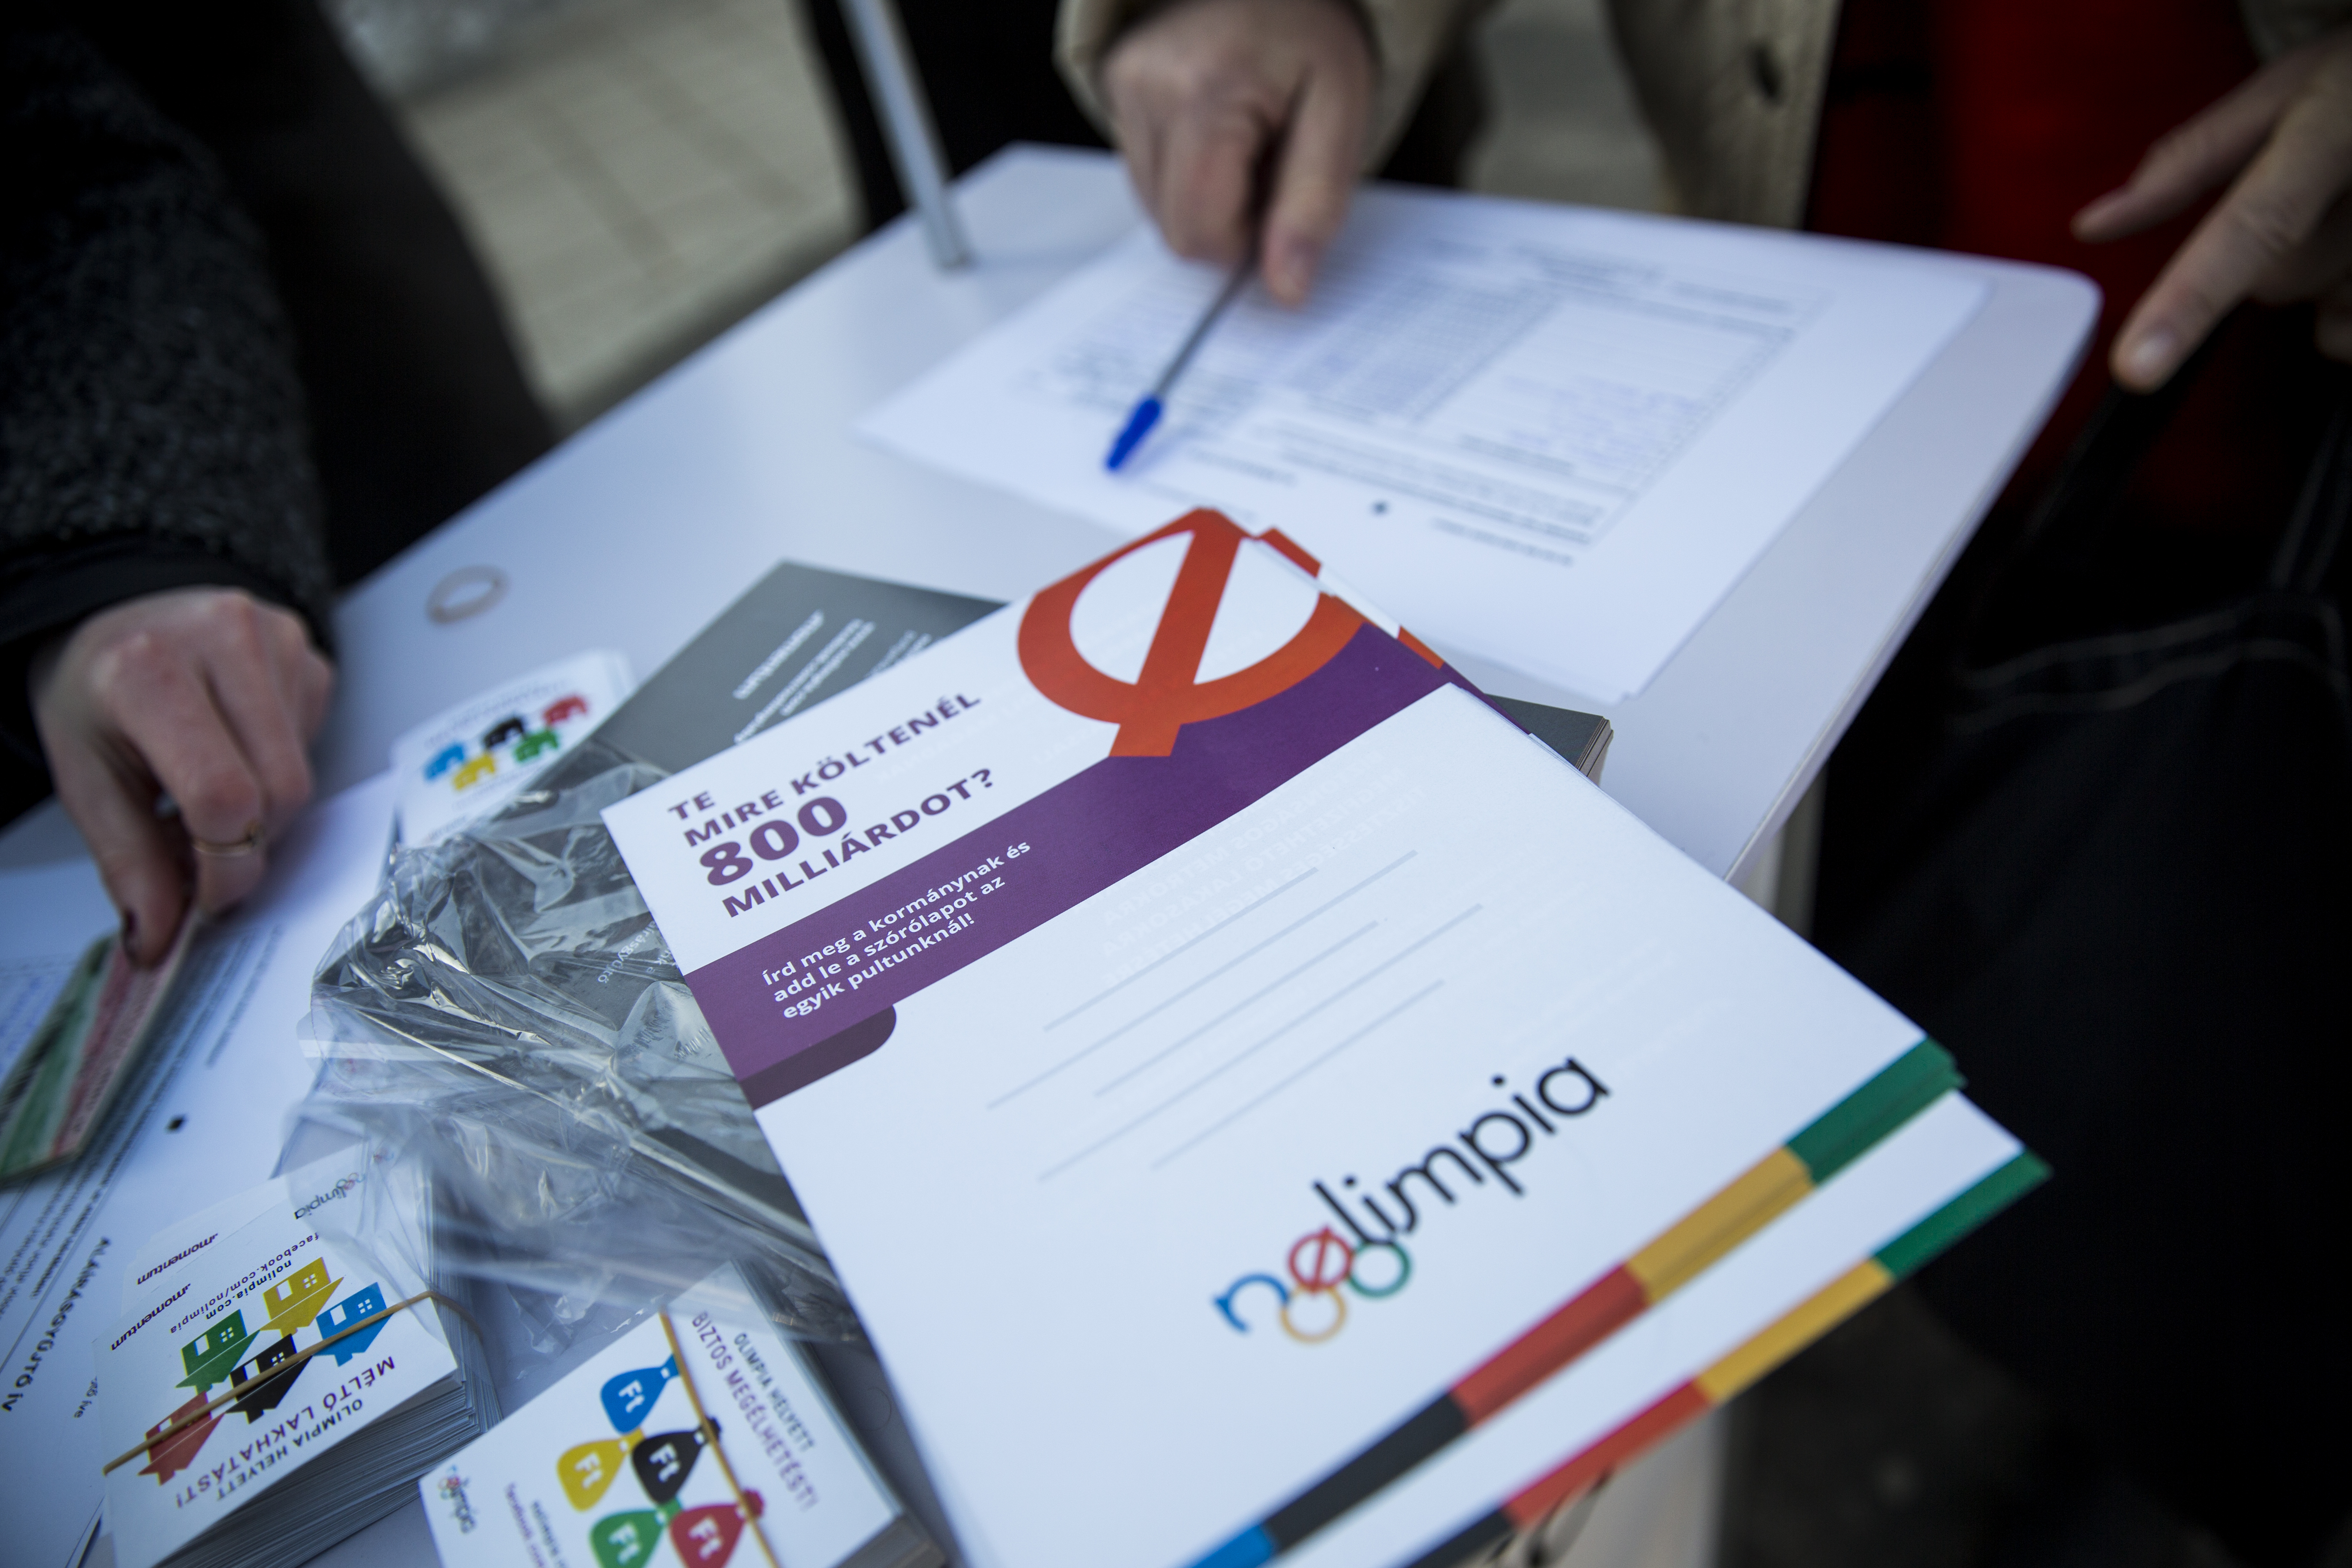 Olimpiaellenes aláírásgyűjtés kezdődött Párizsban is